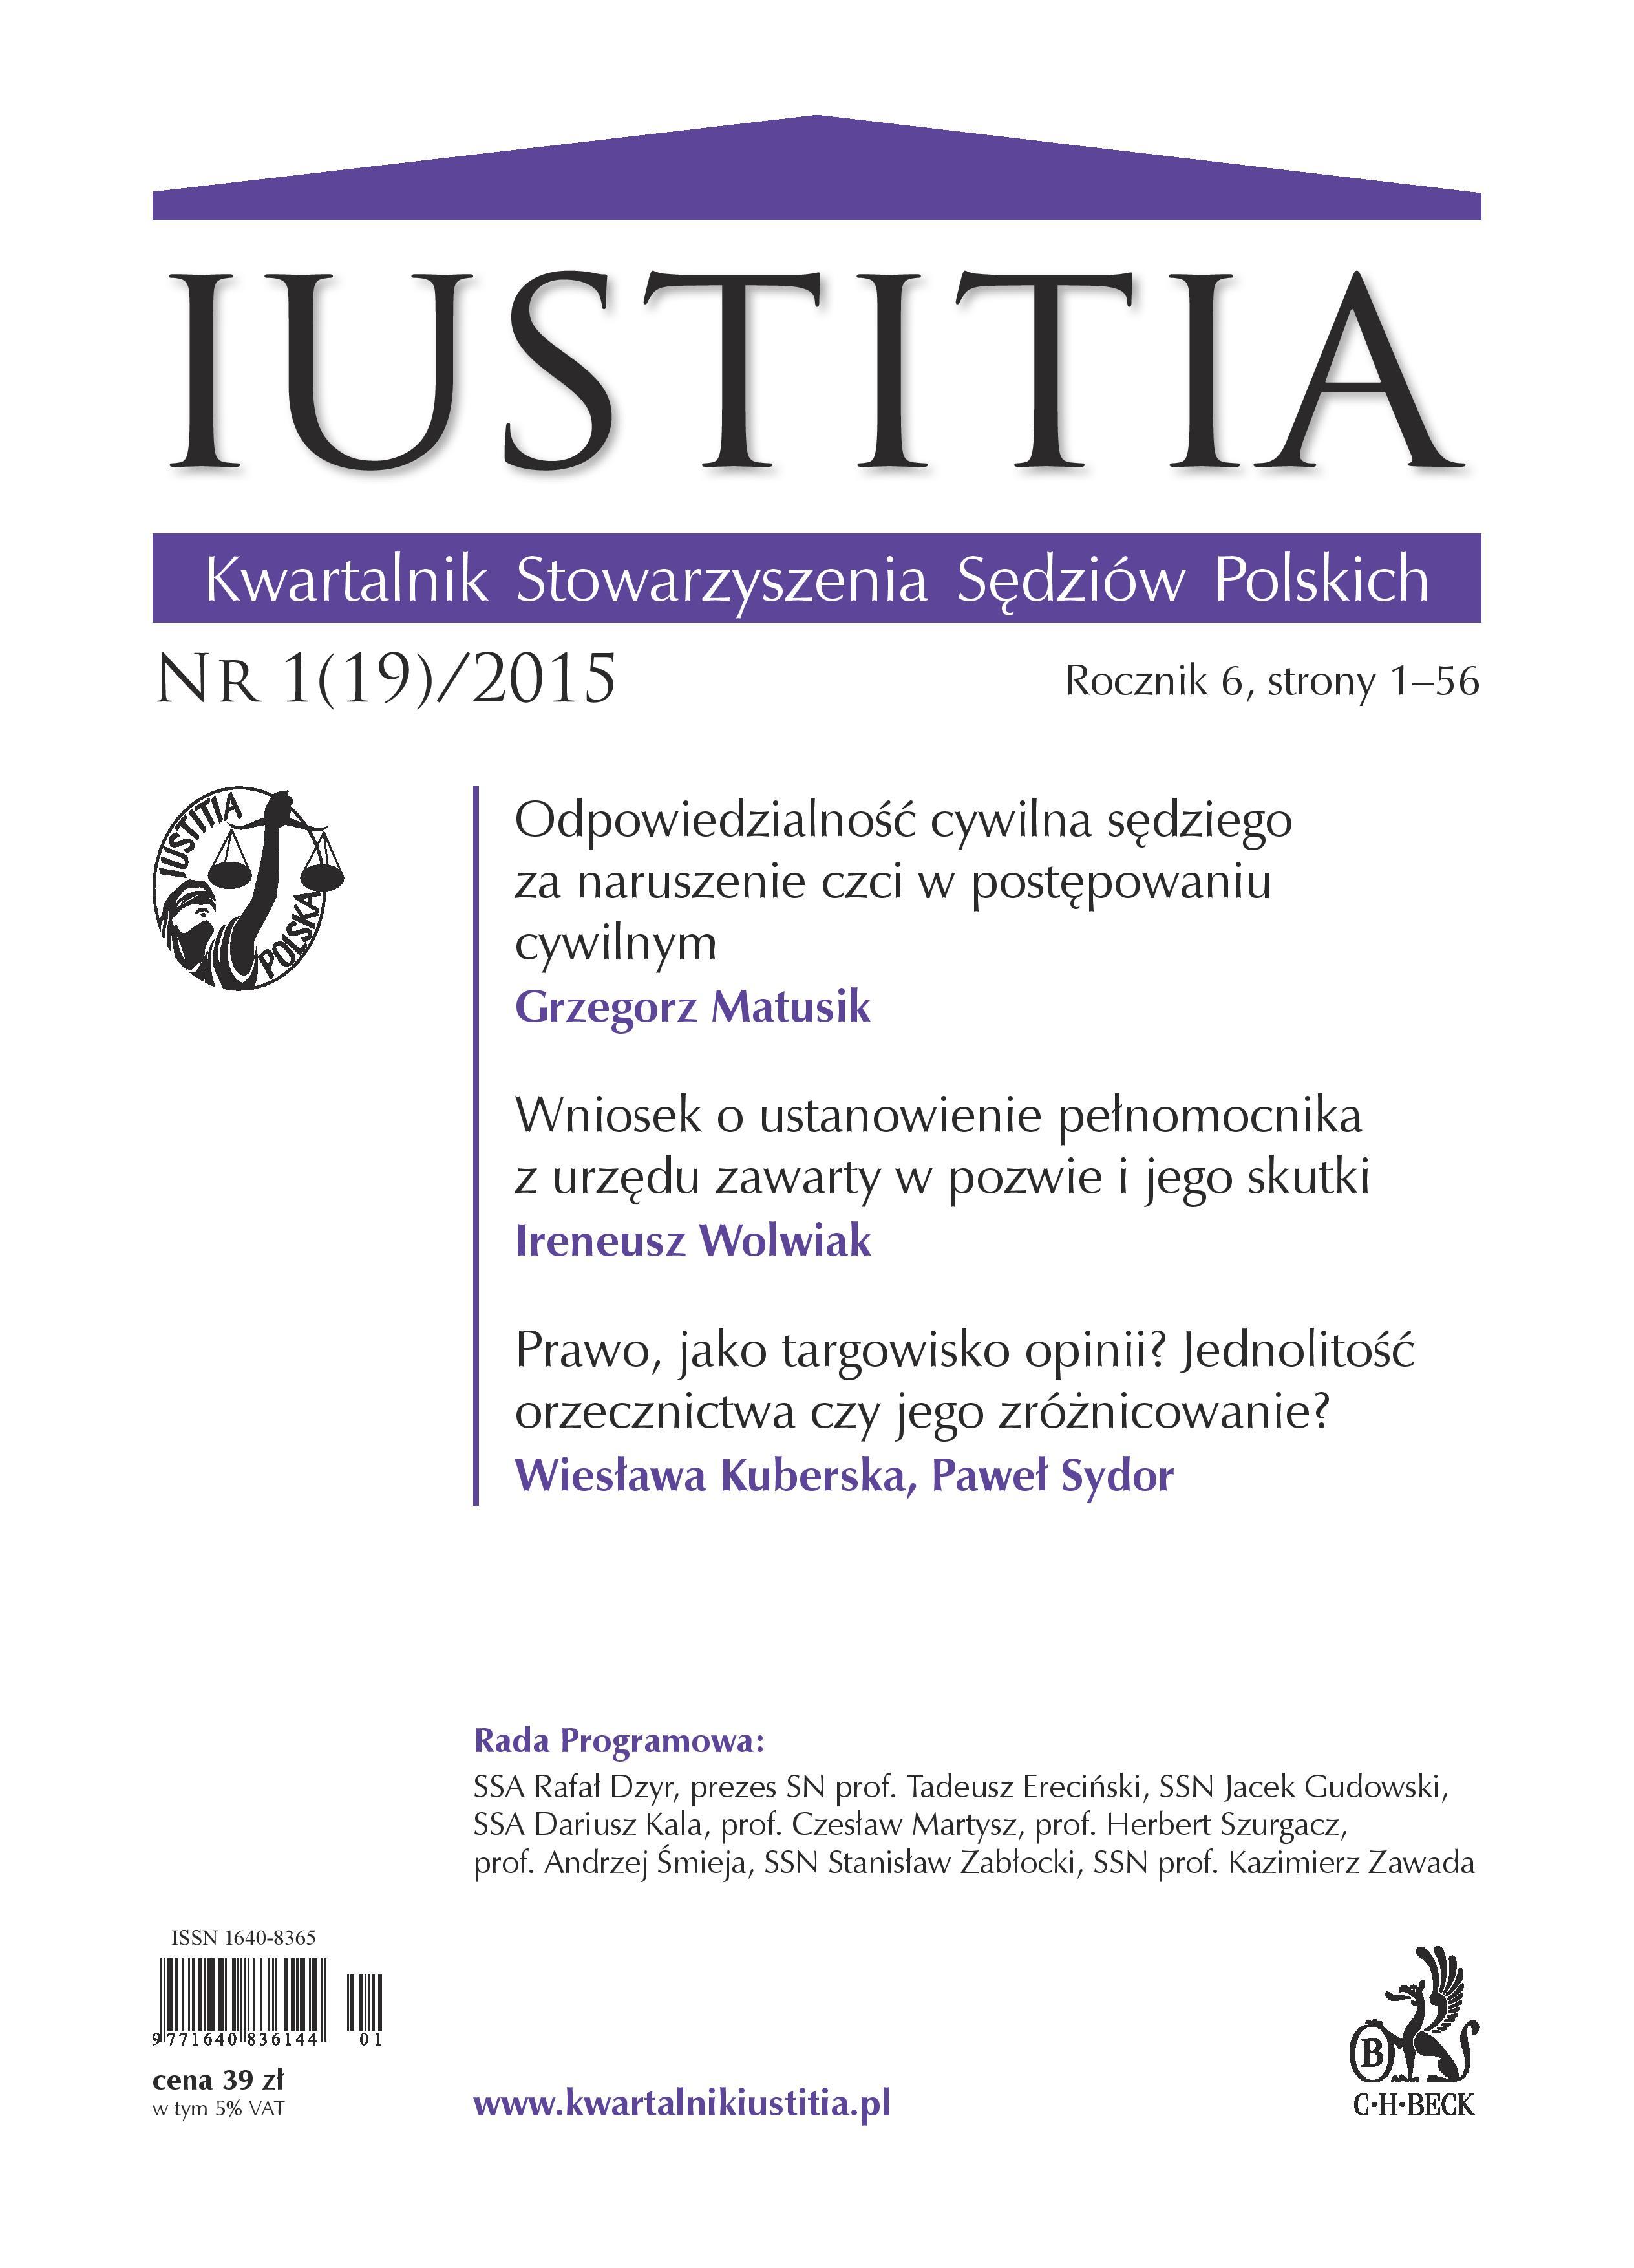 Iustitia Kwartalnik Stowarzyszenia Sędziów Polskich - kwartalnik - prenumerata kwartalna już od 49,00 zł